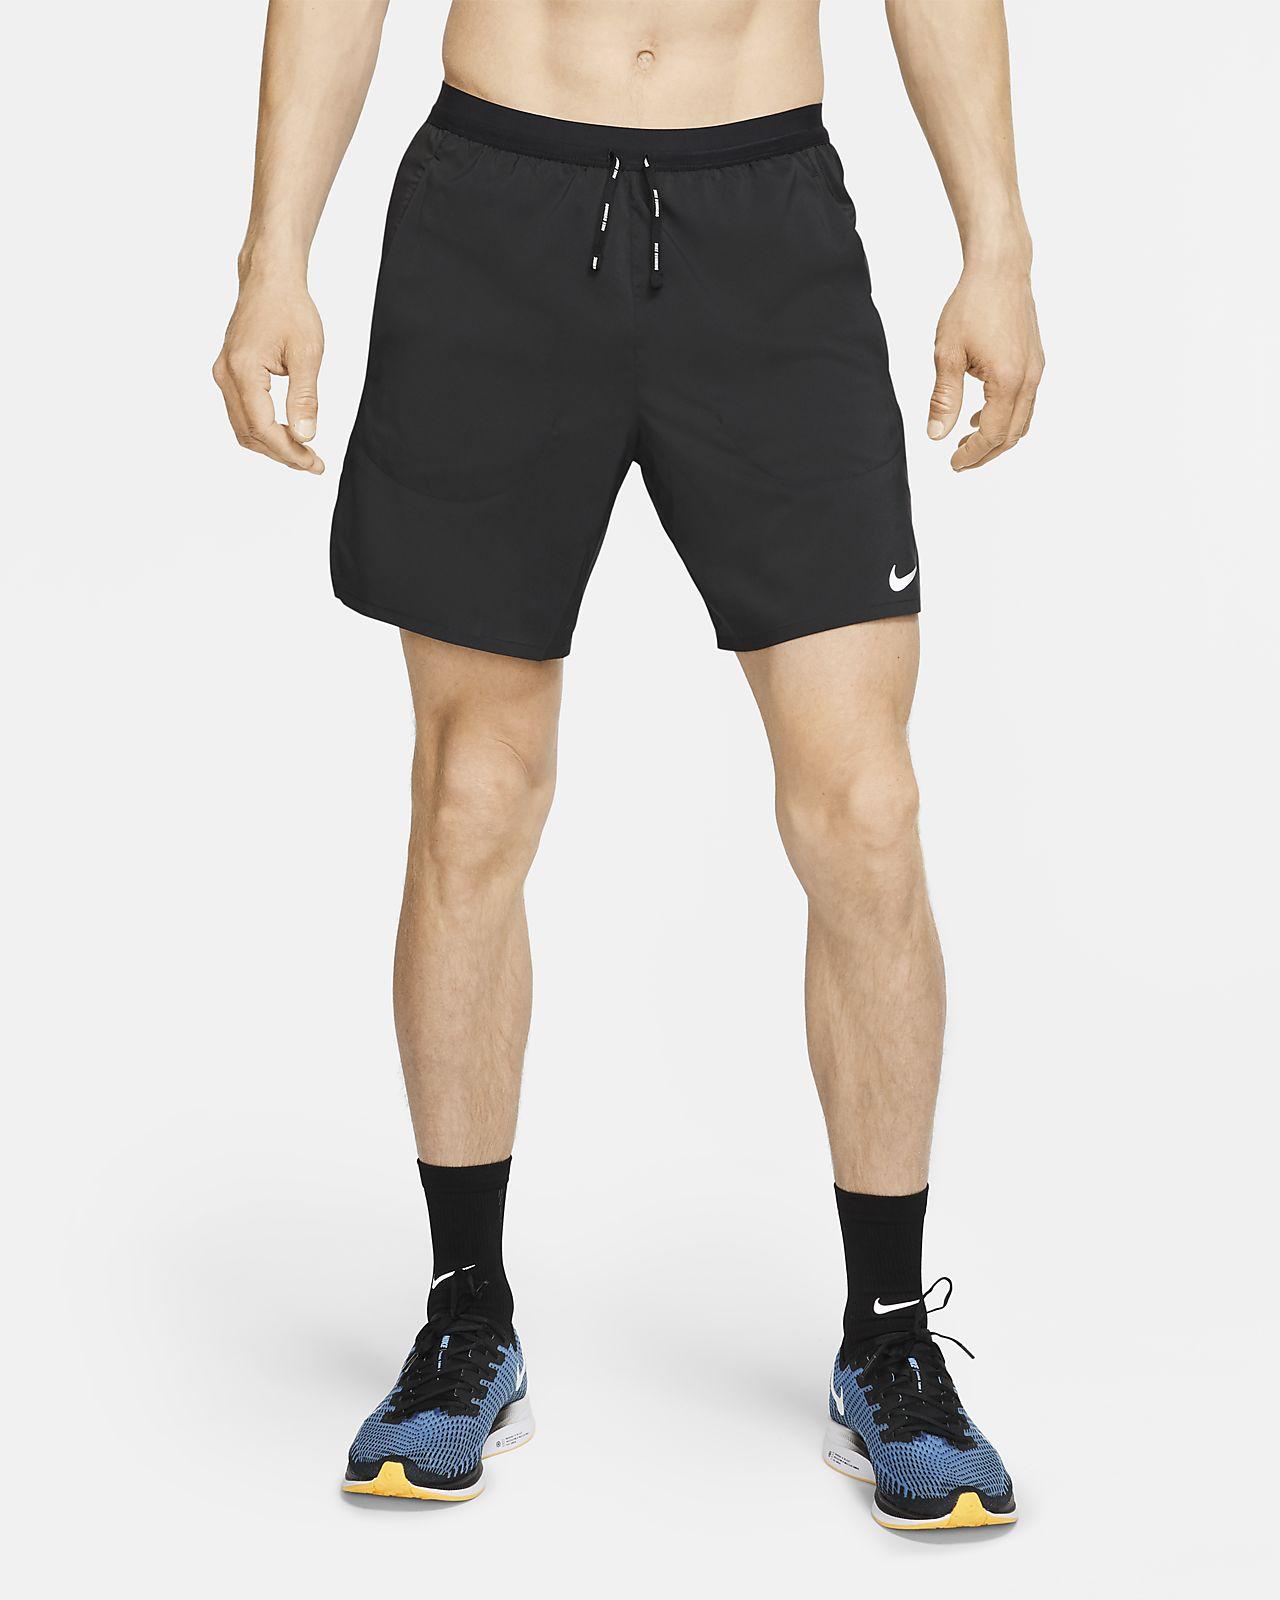 Short de running 2 en 1 Nike Flex Stride 18 cm pour Homme